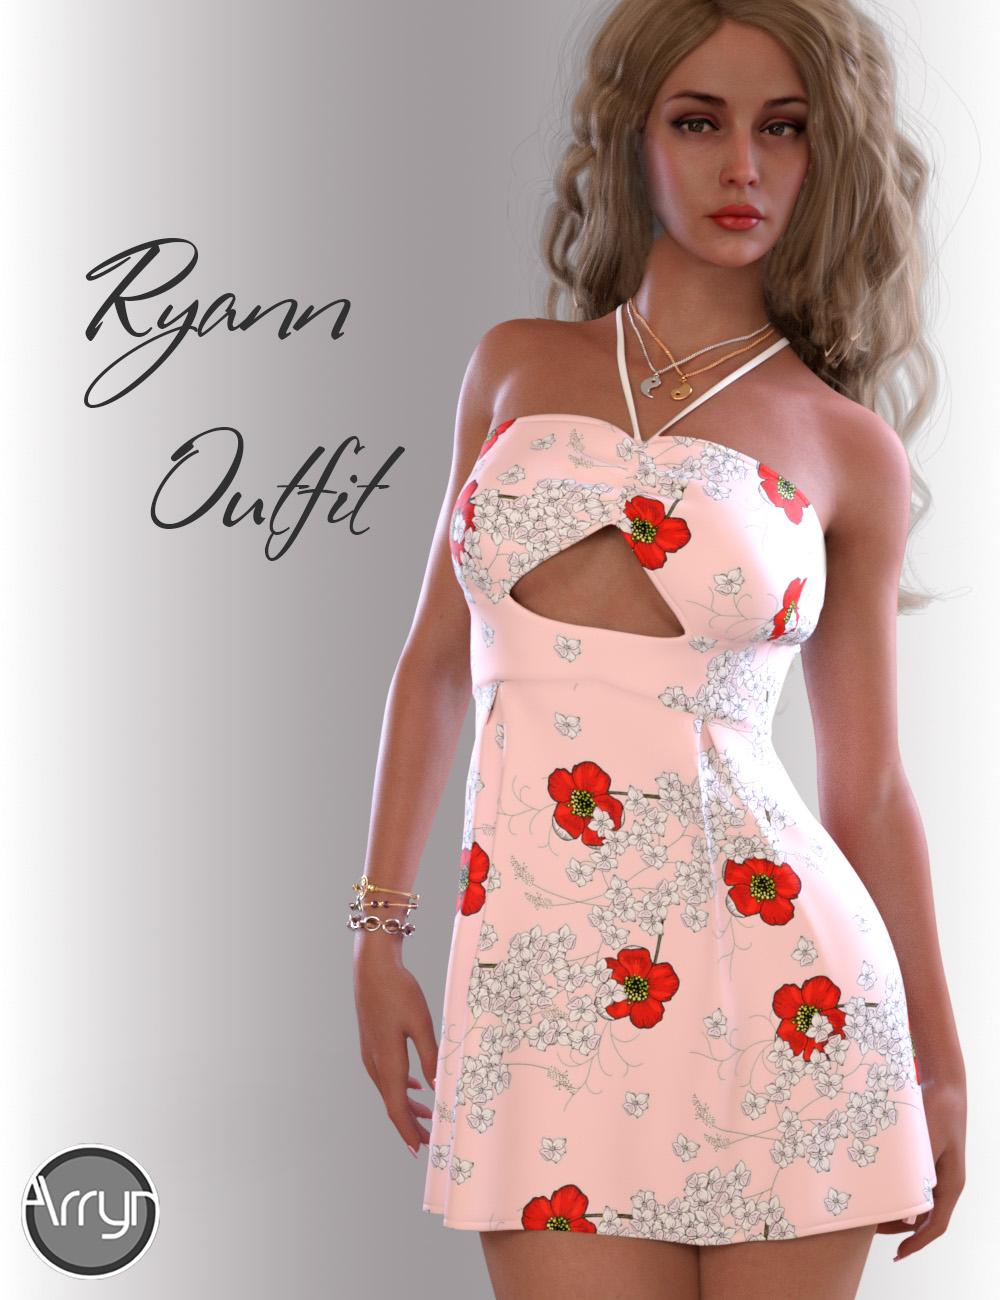 dForce Ryann Candy Outfit for Genesis 8 Female(s) by: OnnelArryn, 3D Models by Daz 3D